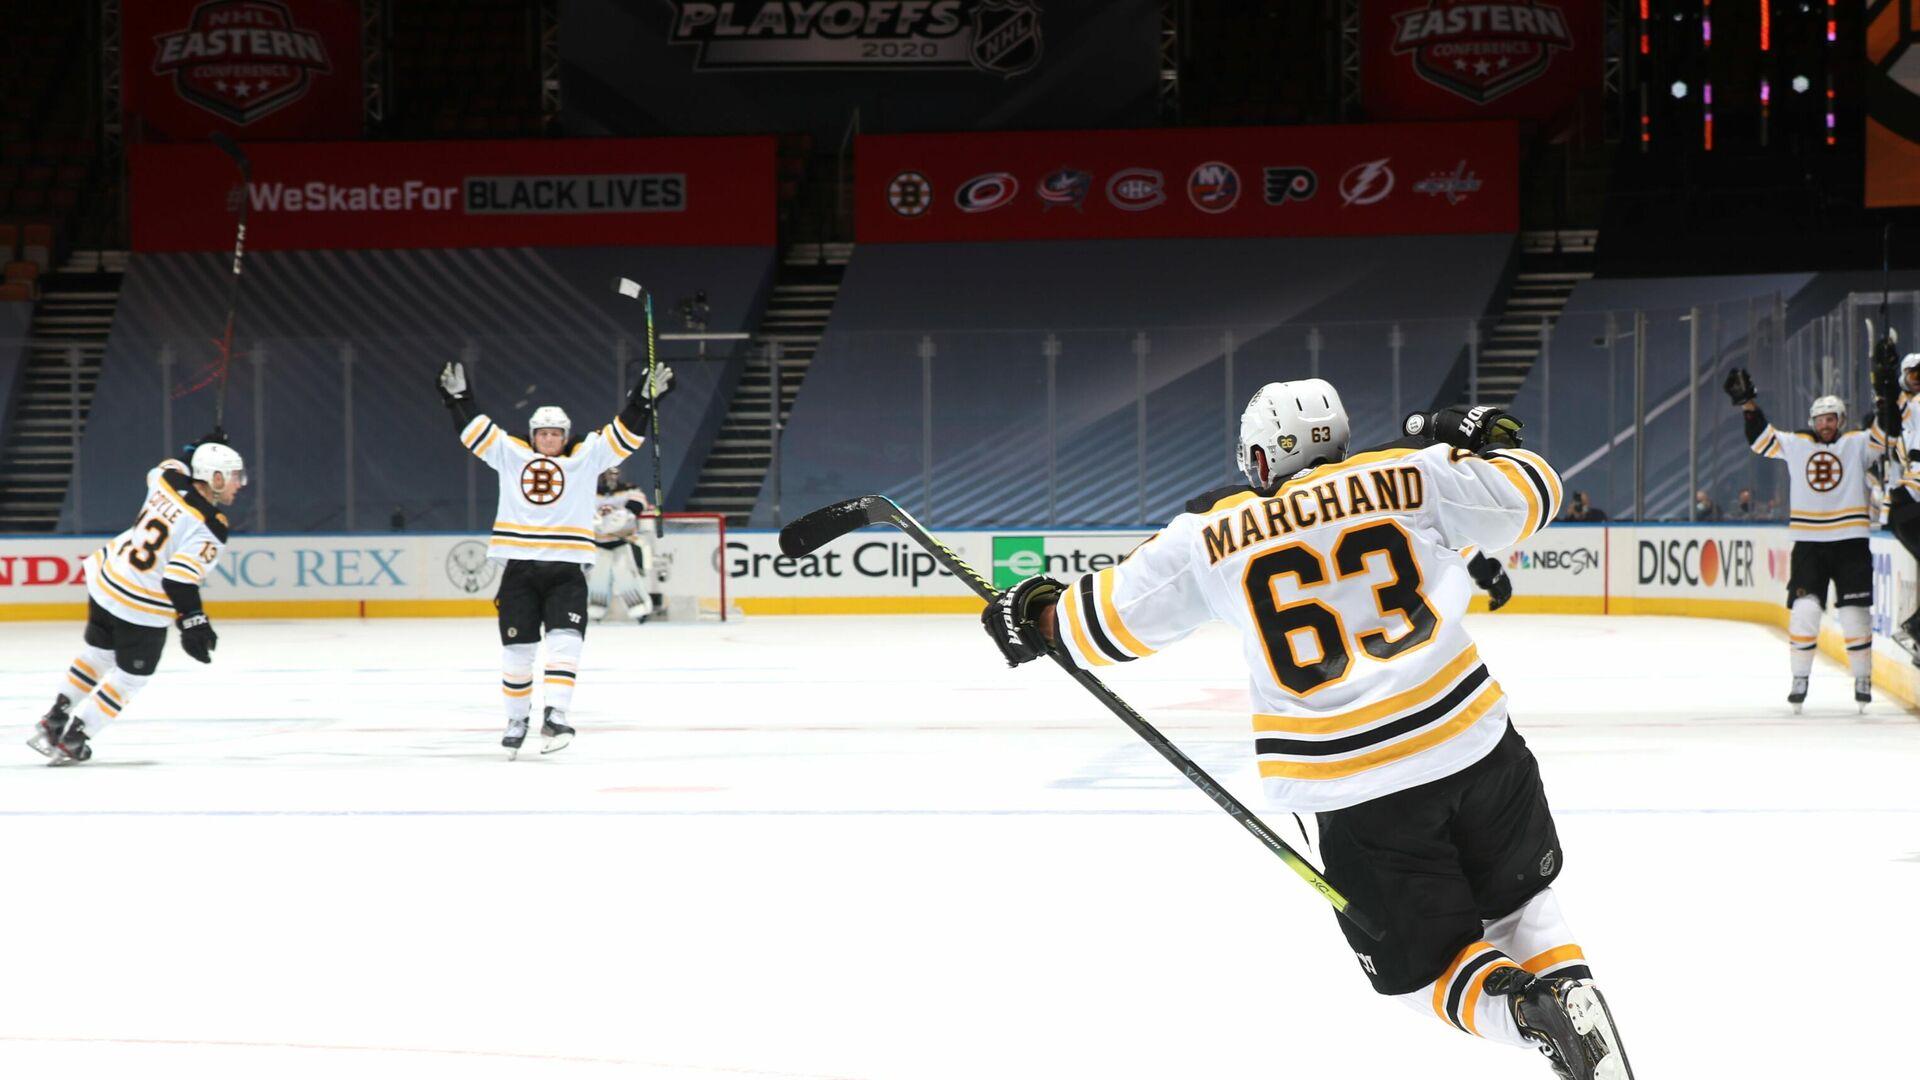 Хоккеисты Бостон Брюинз празднуют победу в матче Кубка Стэнли НХЛ - РИА Новости, 1920, 24.11.2020